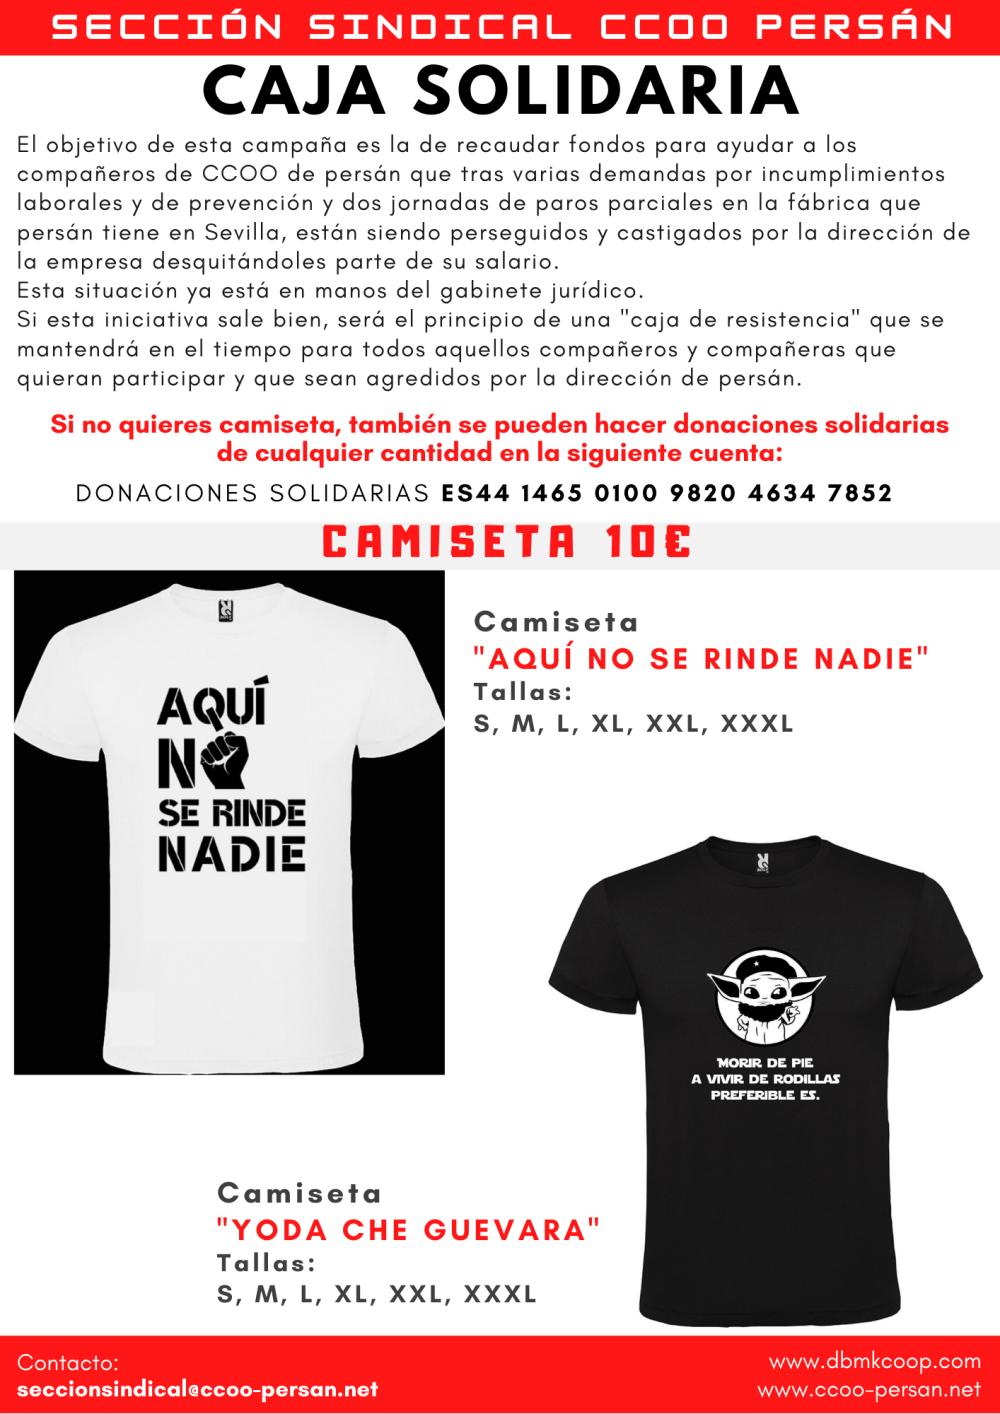 CAMISETAS SOLIDARIAS CCOO PERSÁN II